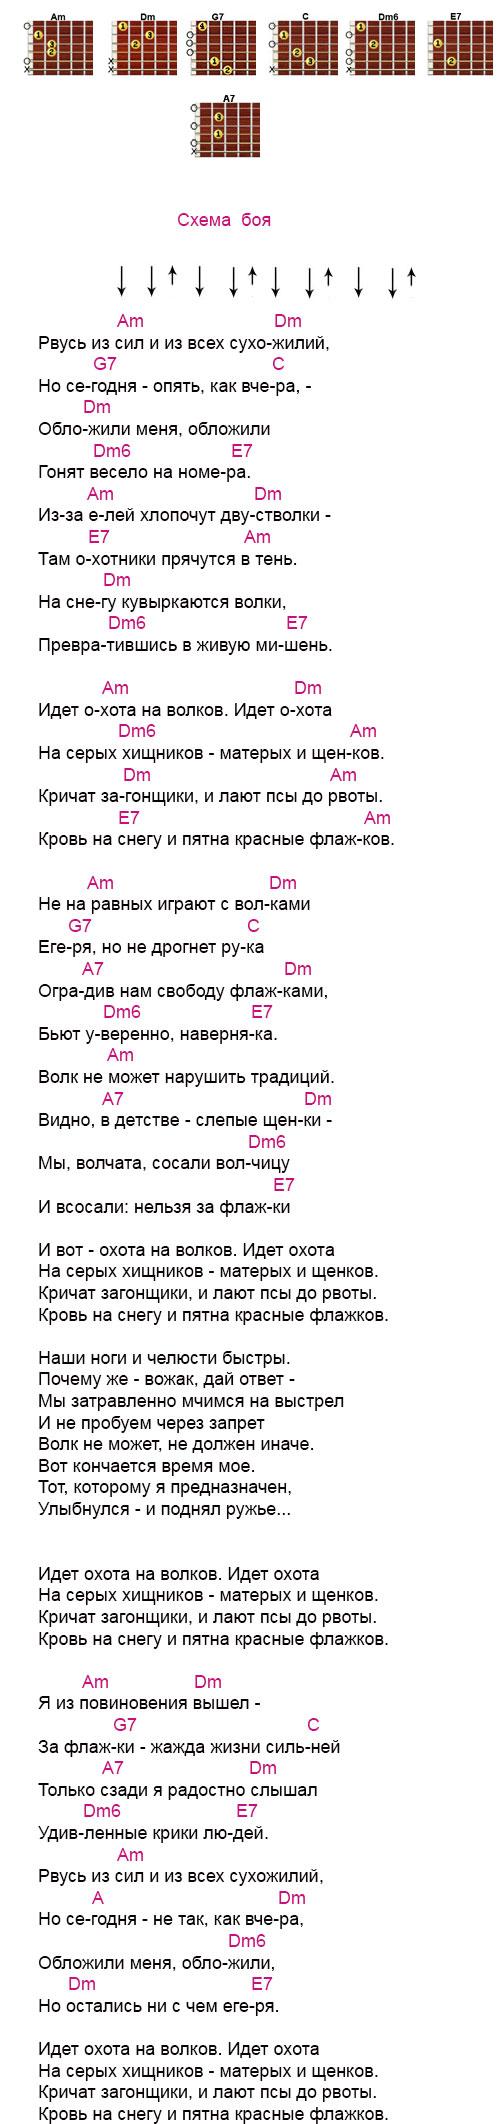 Аккорды к песне «Охота на волков» Высоцкий